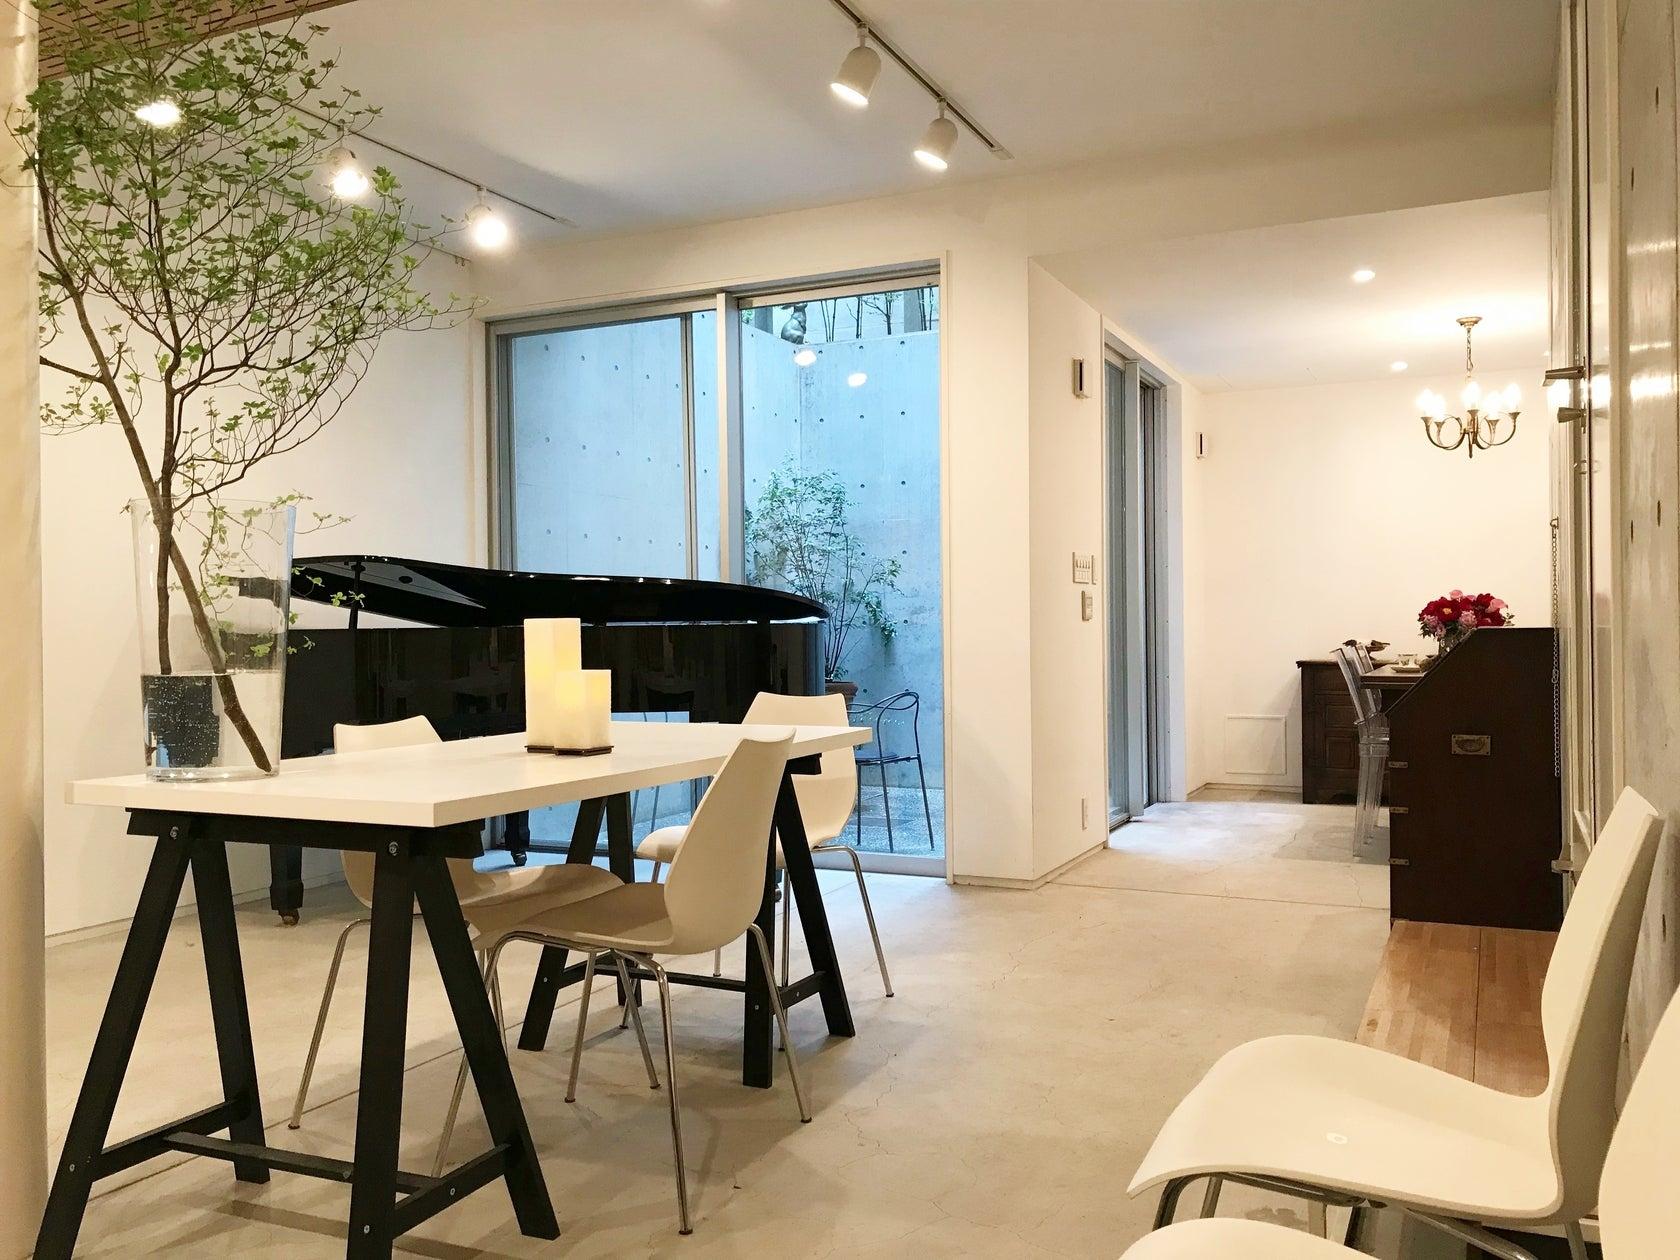 [代官山徒歩6分/駐車1台可]グランドピアノのある隠れ家的スペース。会議・楽器練習・女子会・子連れパーティー・コスプレ撮影会 の写真